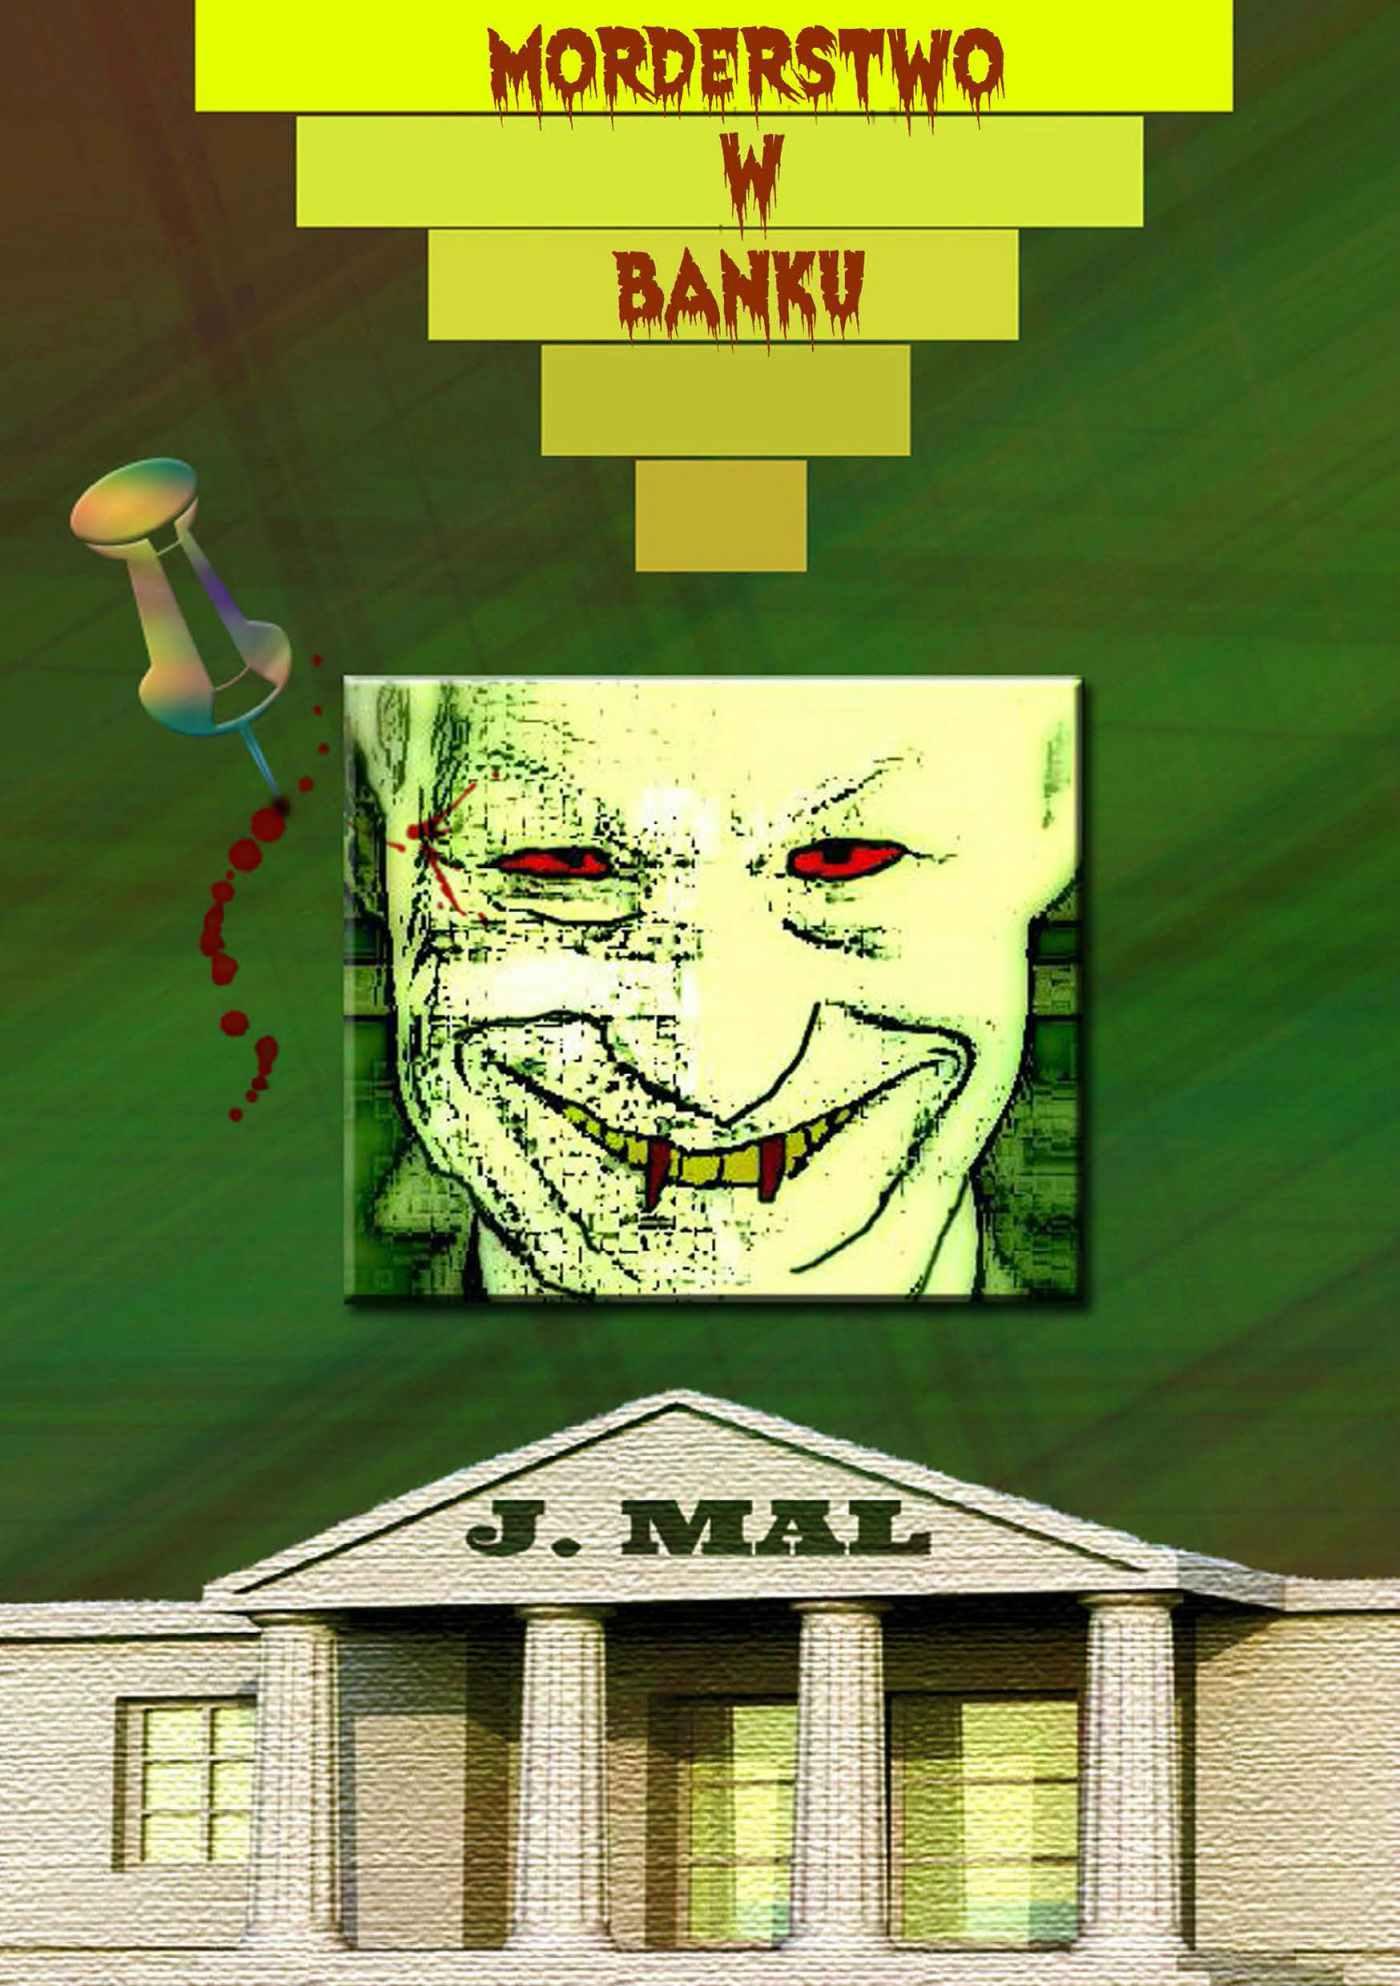 Morderstwo w banku - Ebook (Książka na Kindle) do pobrania w formacie MOBI